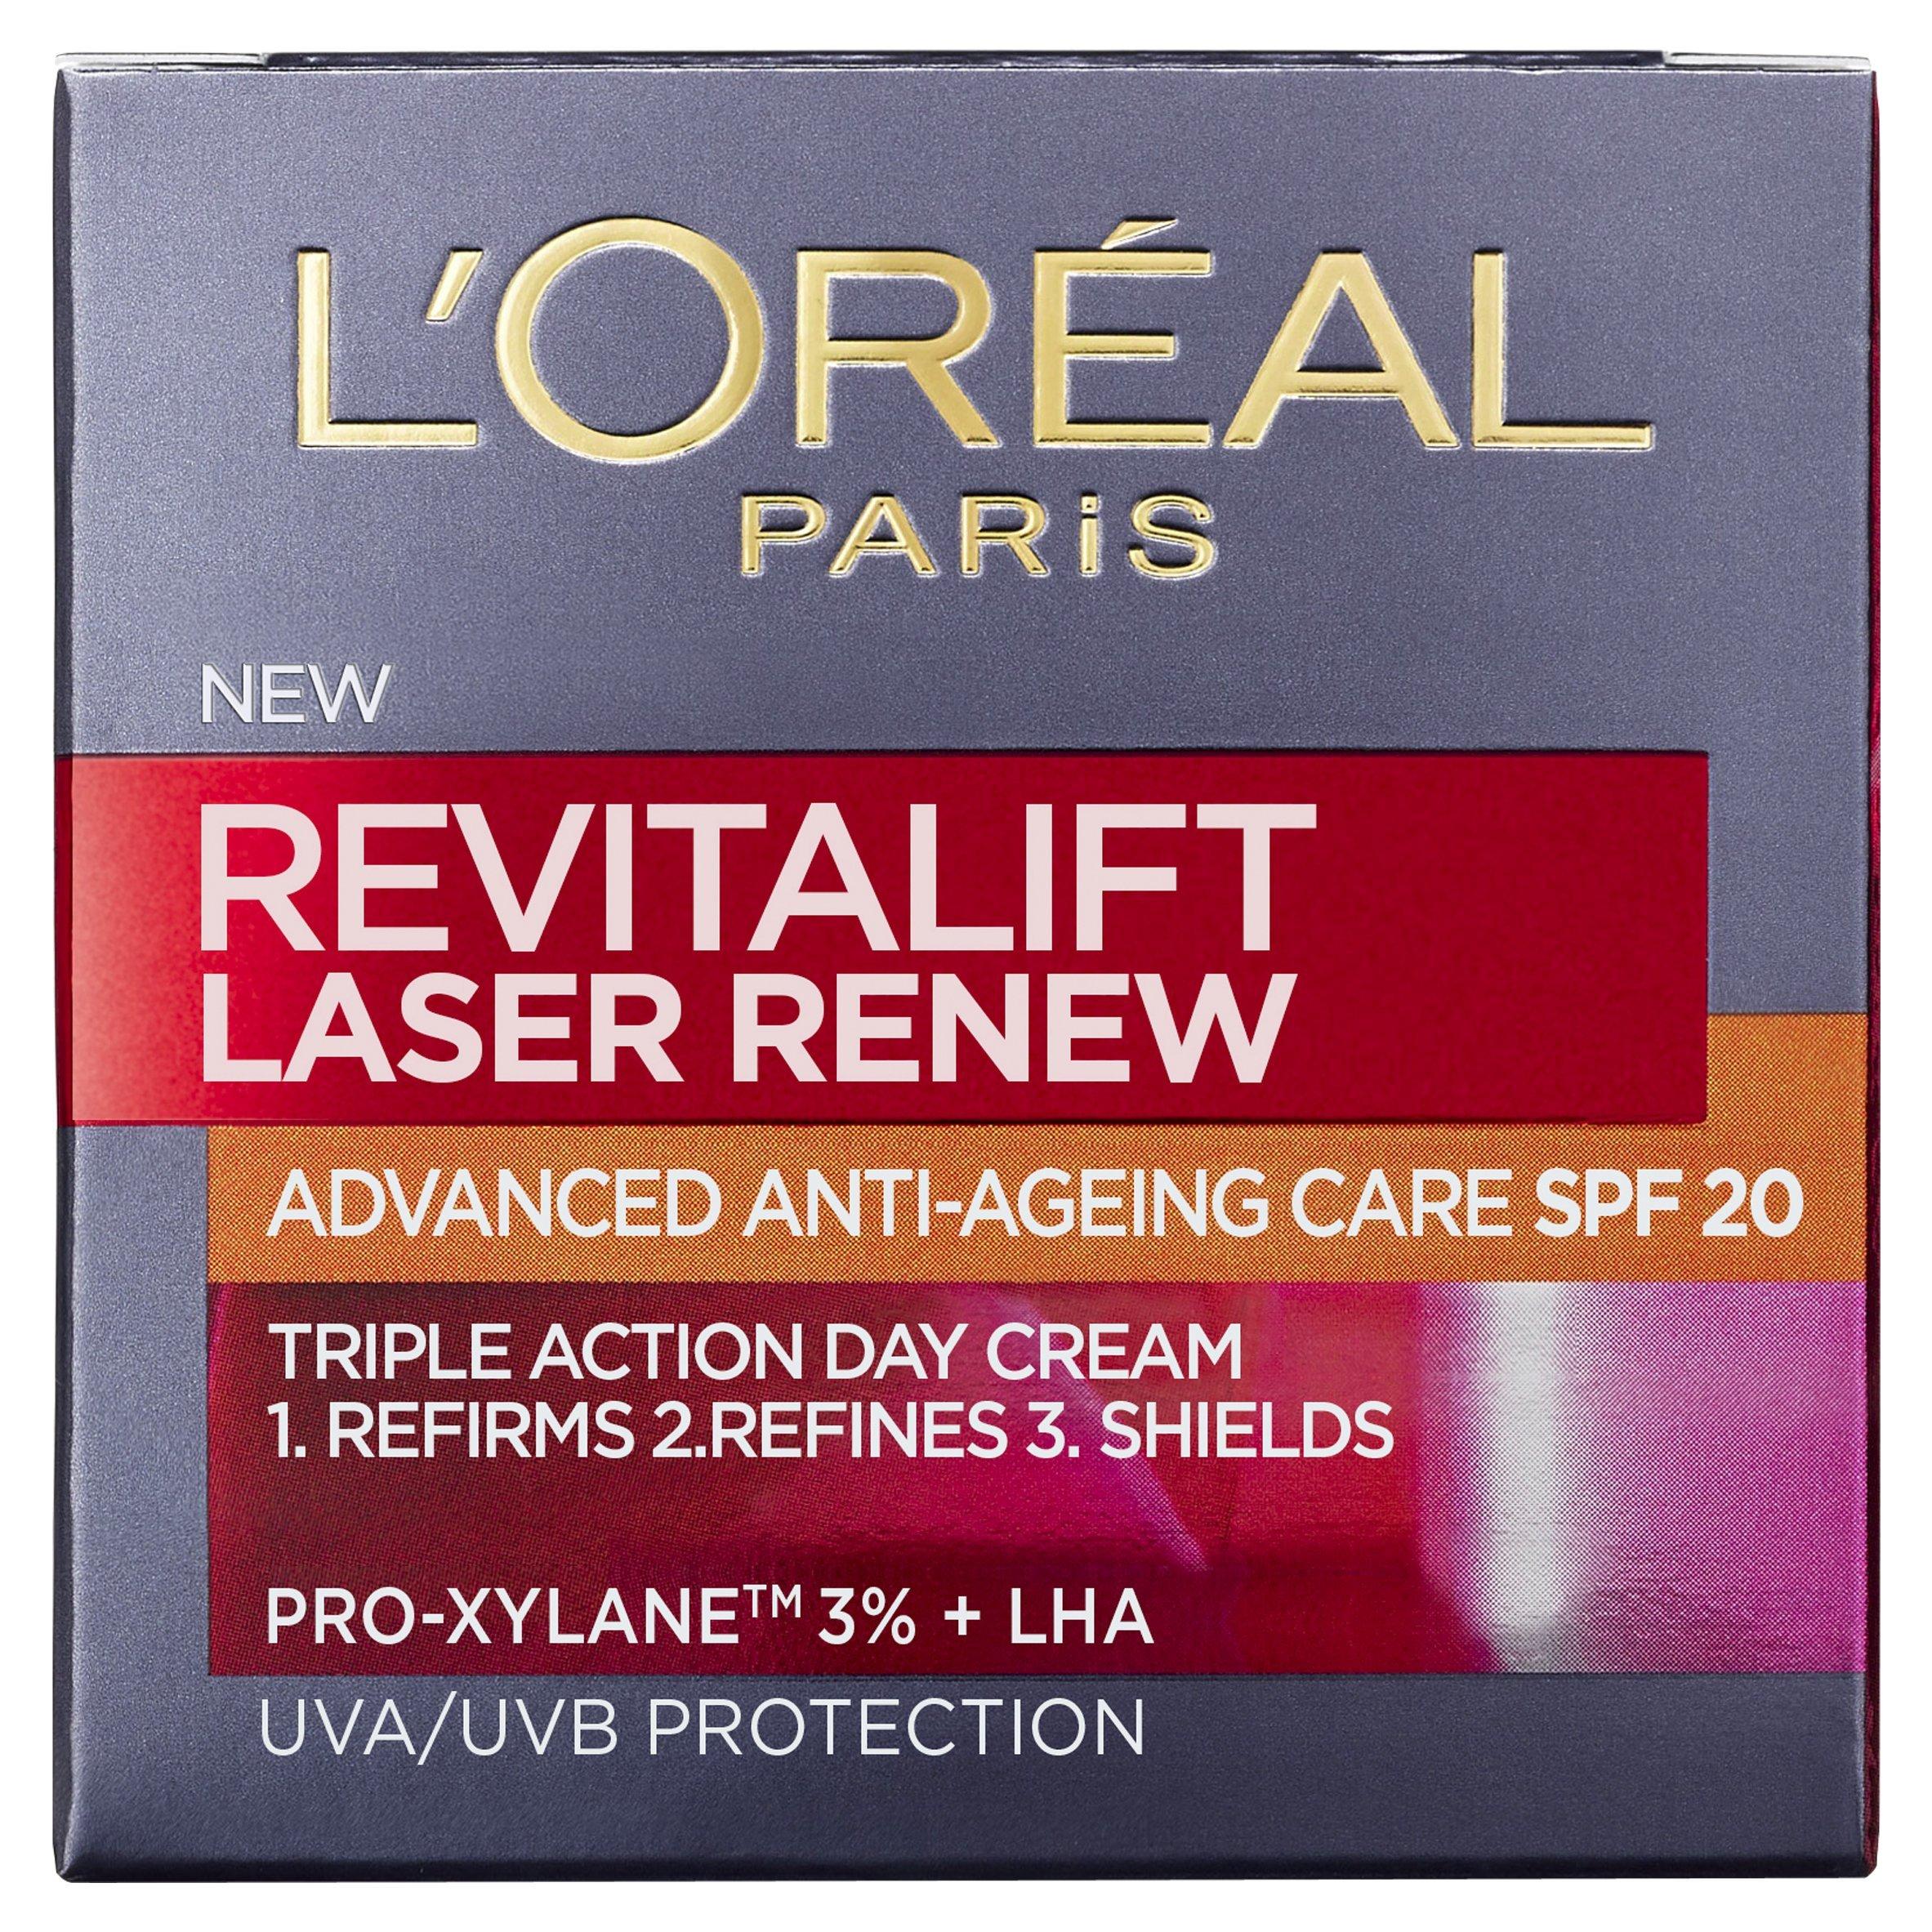 Crema facial antiedad L'Oreal París Revitalift Laser Renew, con SPF 20, 50ml